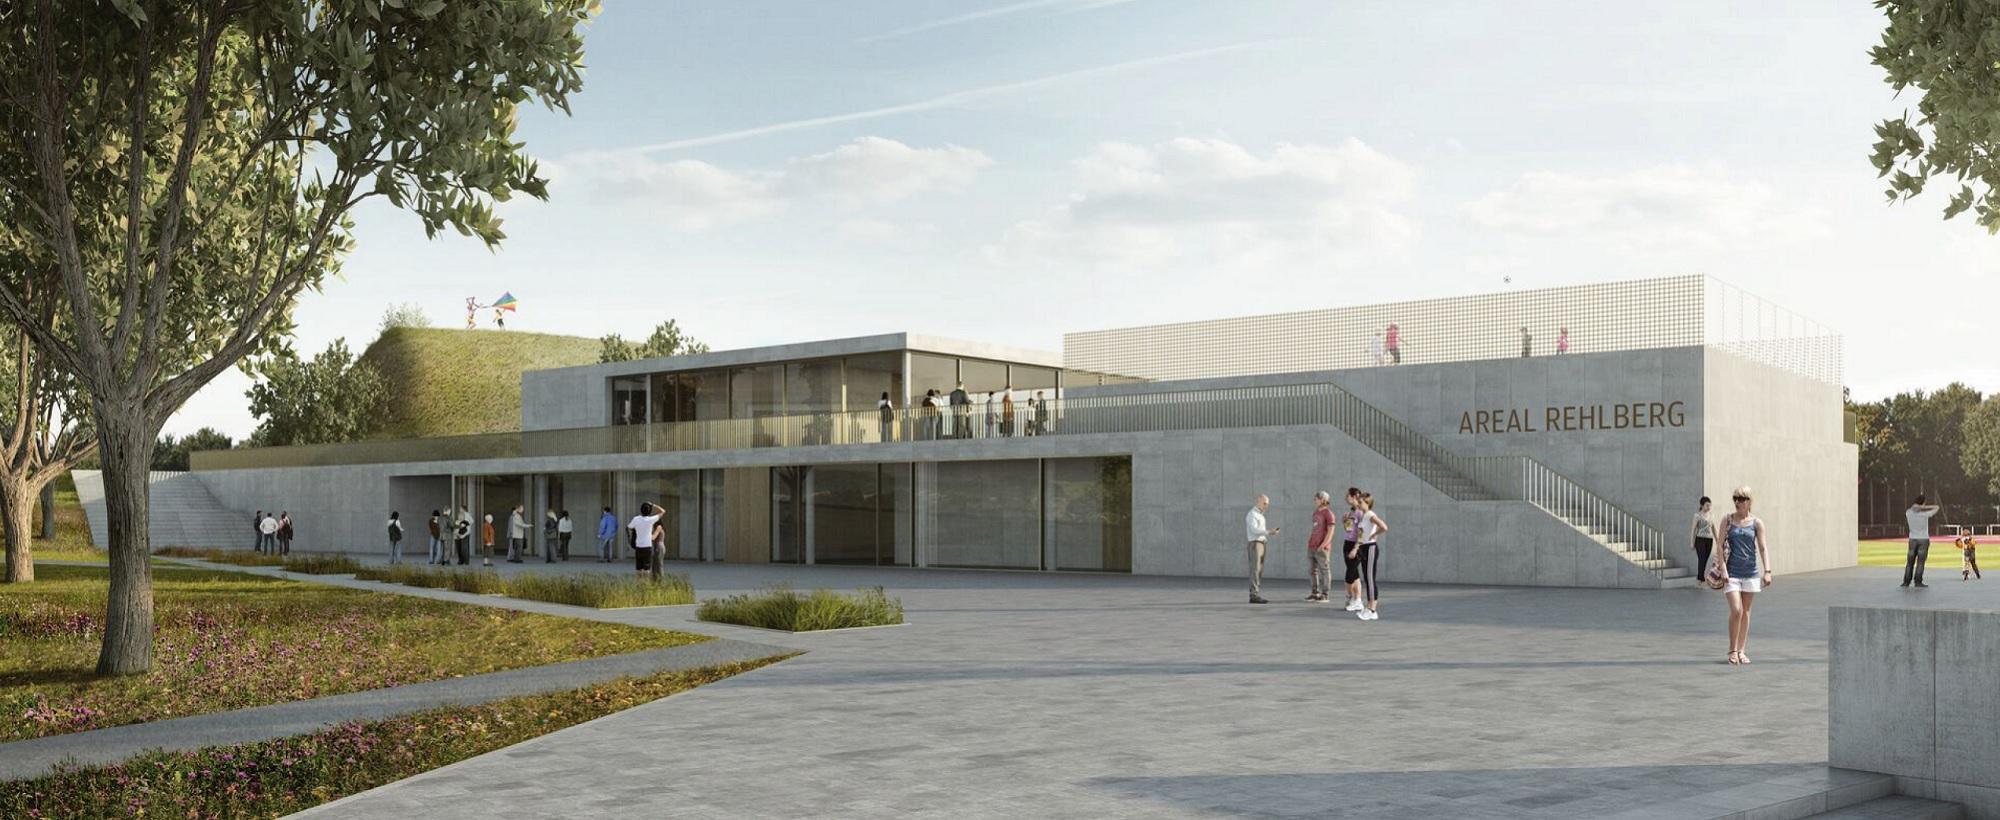 Entwicklung Areal Rehberg in Georgsmarienhütte Teilbereich Sportheim